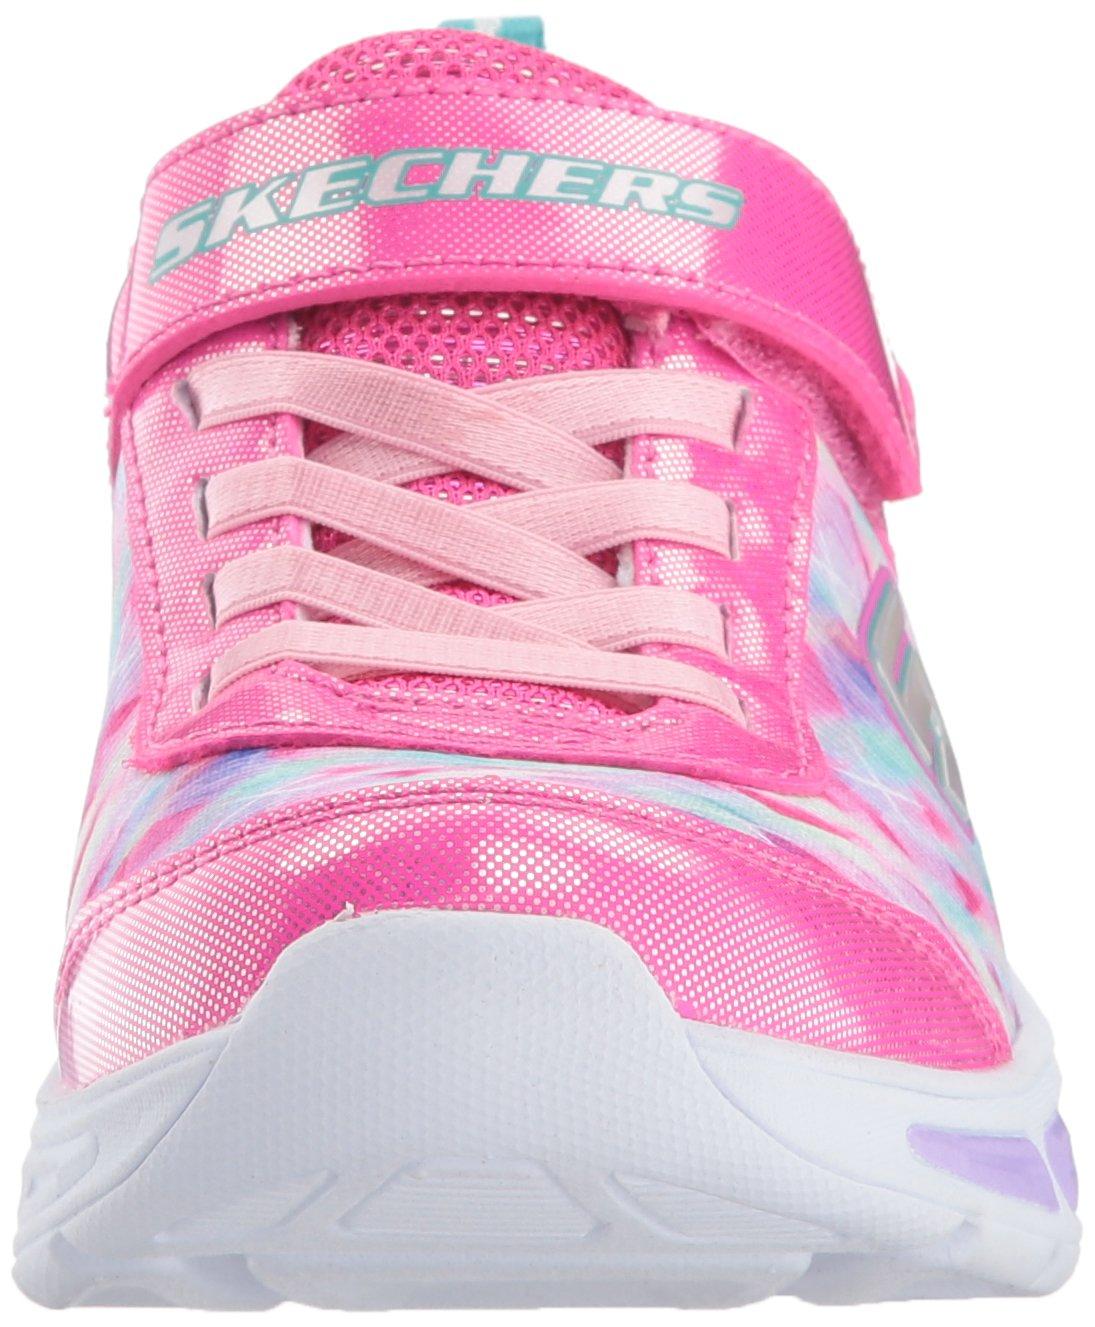 Skechers Kids Girls' Litebeams-Dance N'Glow Sneaker,neon Pink/Multi,1 Medium US Little Kid by Skechers (Image #4)